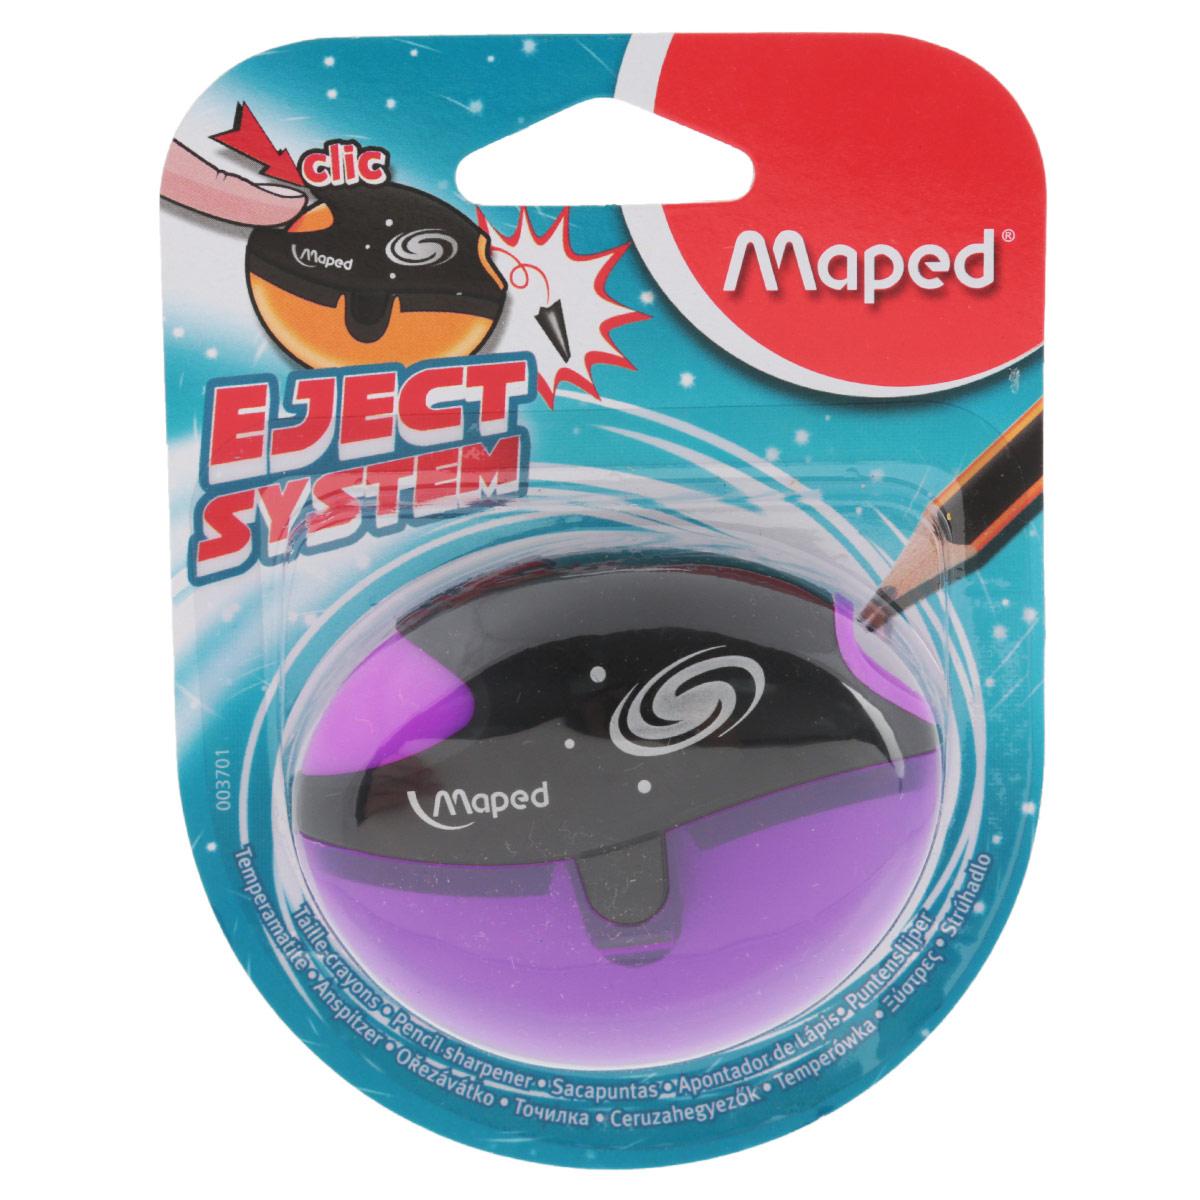 Точилка Maped Galactic, цвет: фиолетовый72523WDТочилка пластиковая Maped Galactic - это точилка изготовленная из пластика, с одним отверстием, контейнером и специальной защитой от сломанного грифеля. Полупрозрачный контейнер для сбора стружки повышенной вместимости позволяет визуально контролировать уровень заполнения и вовремя производить очистку. Это точилка, в которой не застревает грифель. Одно нажатие на кнопку освобождает точилку от сломанного грифеля. Предназначена для использования как в школе, так и в офисе.Рекомендовано детям старше трех лет.